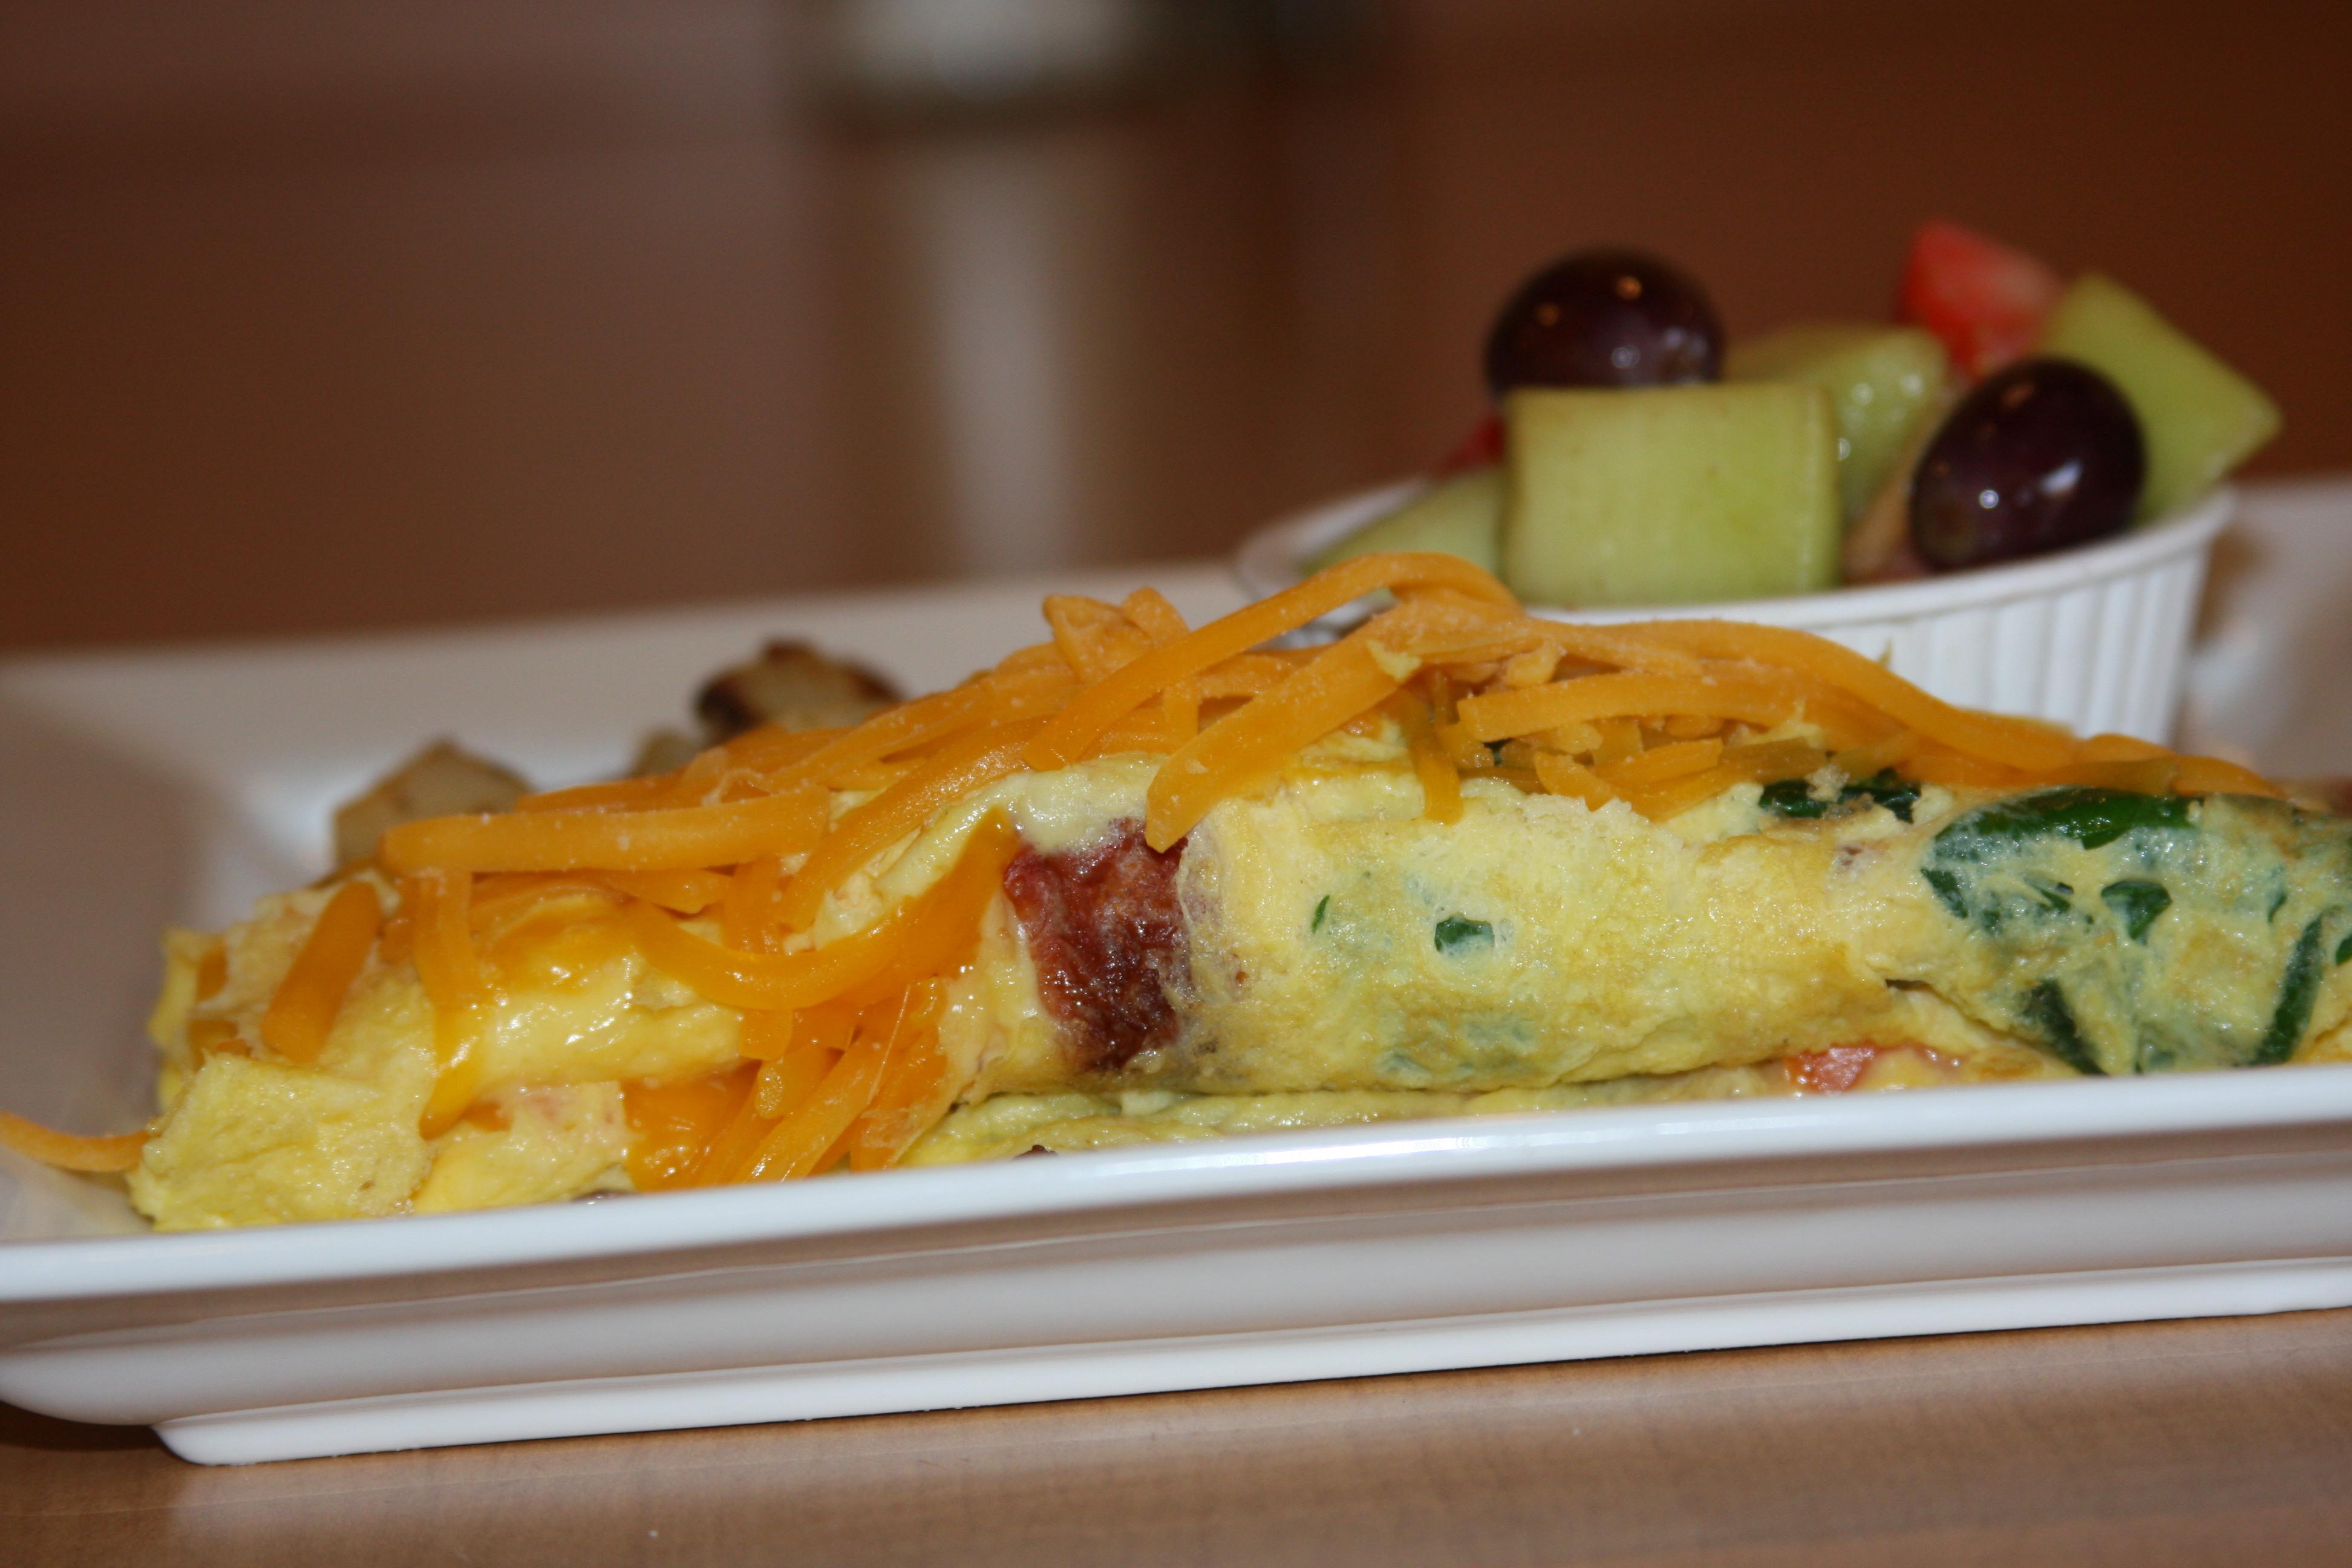 Korner Cafe image 8